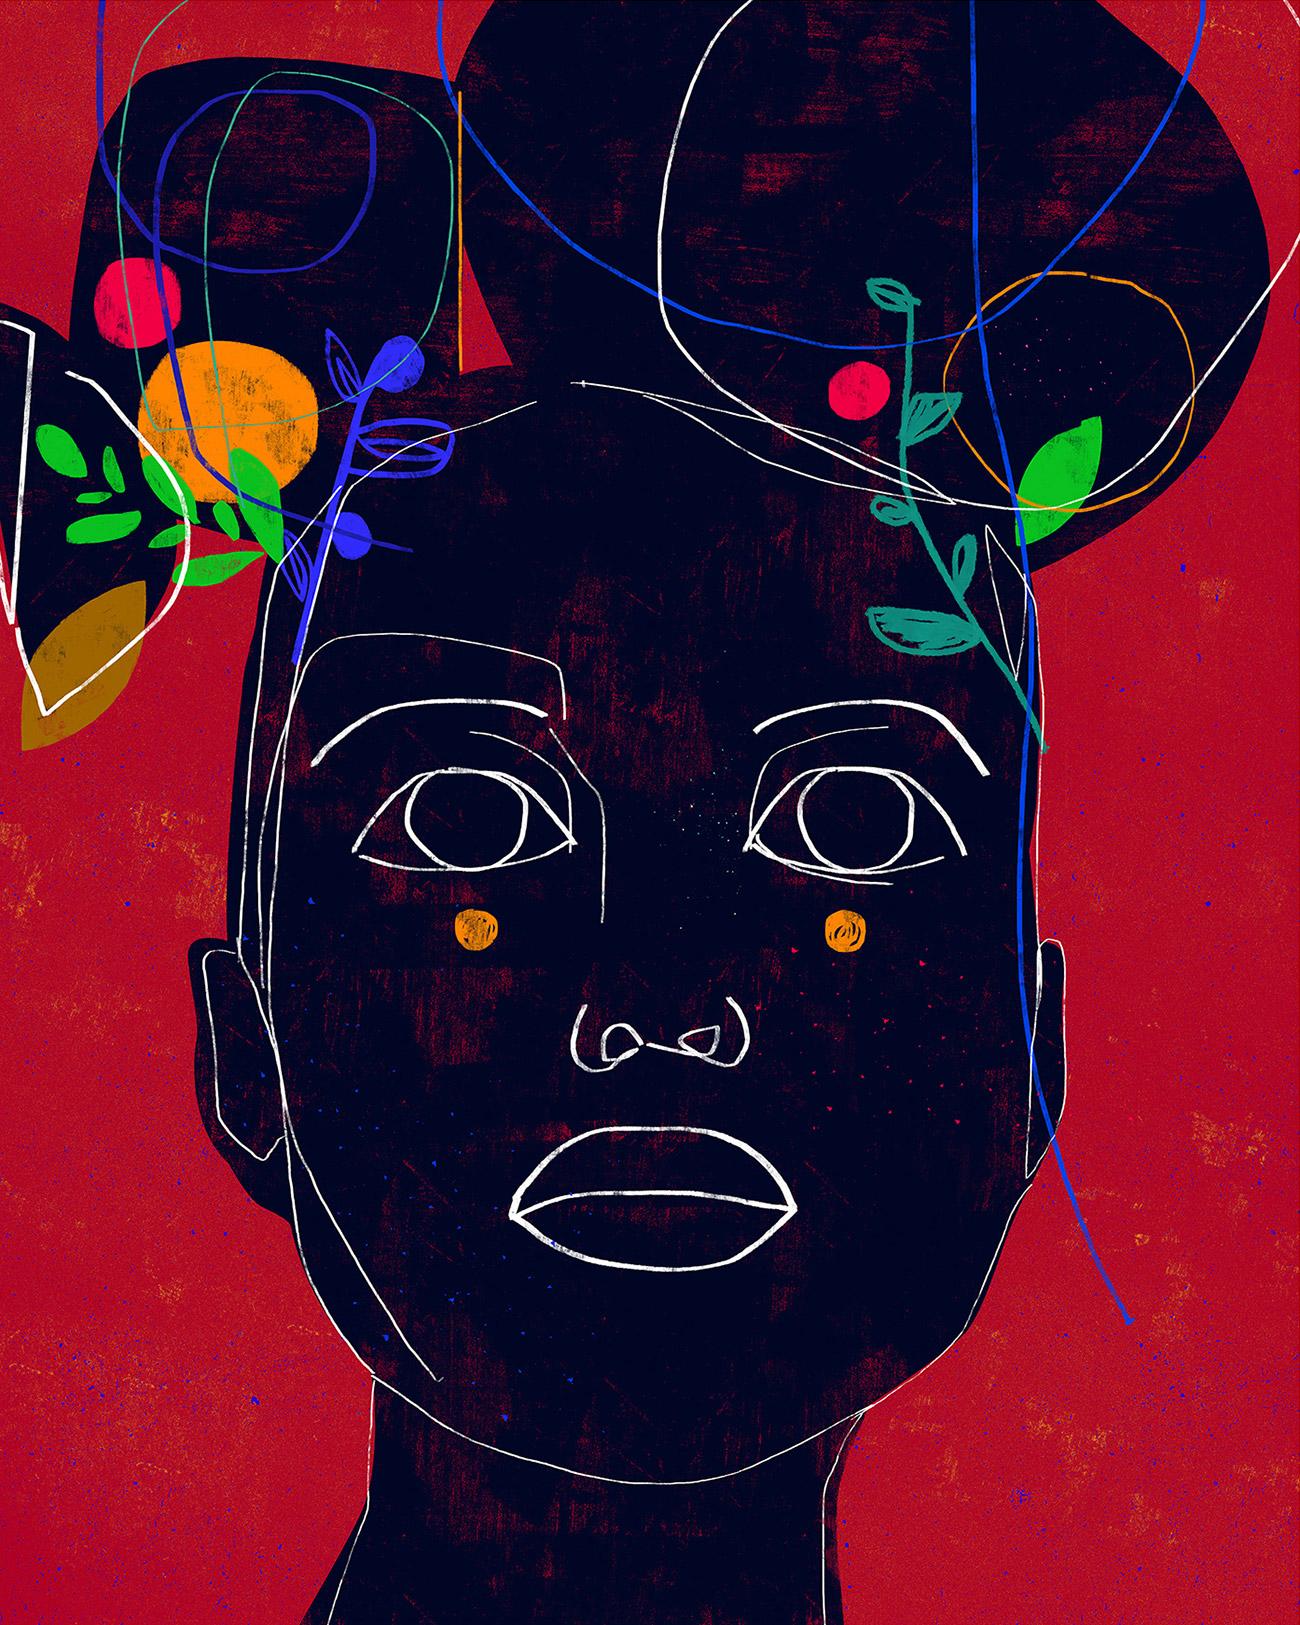 Retratos Minimalistas e Coloridos de Luciano Cian Artes & contextos cian 3